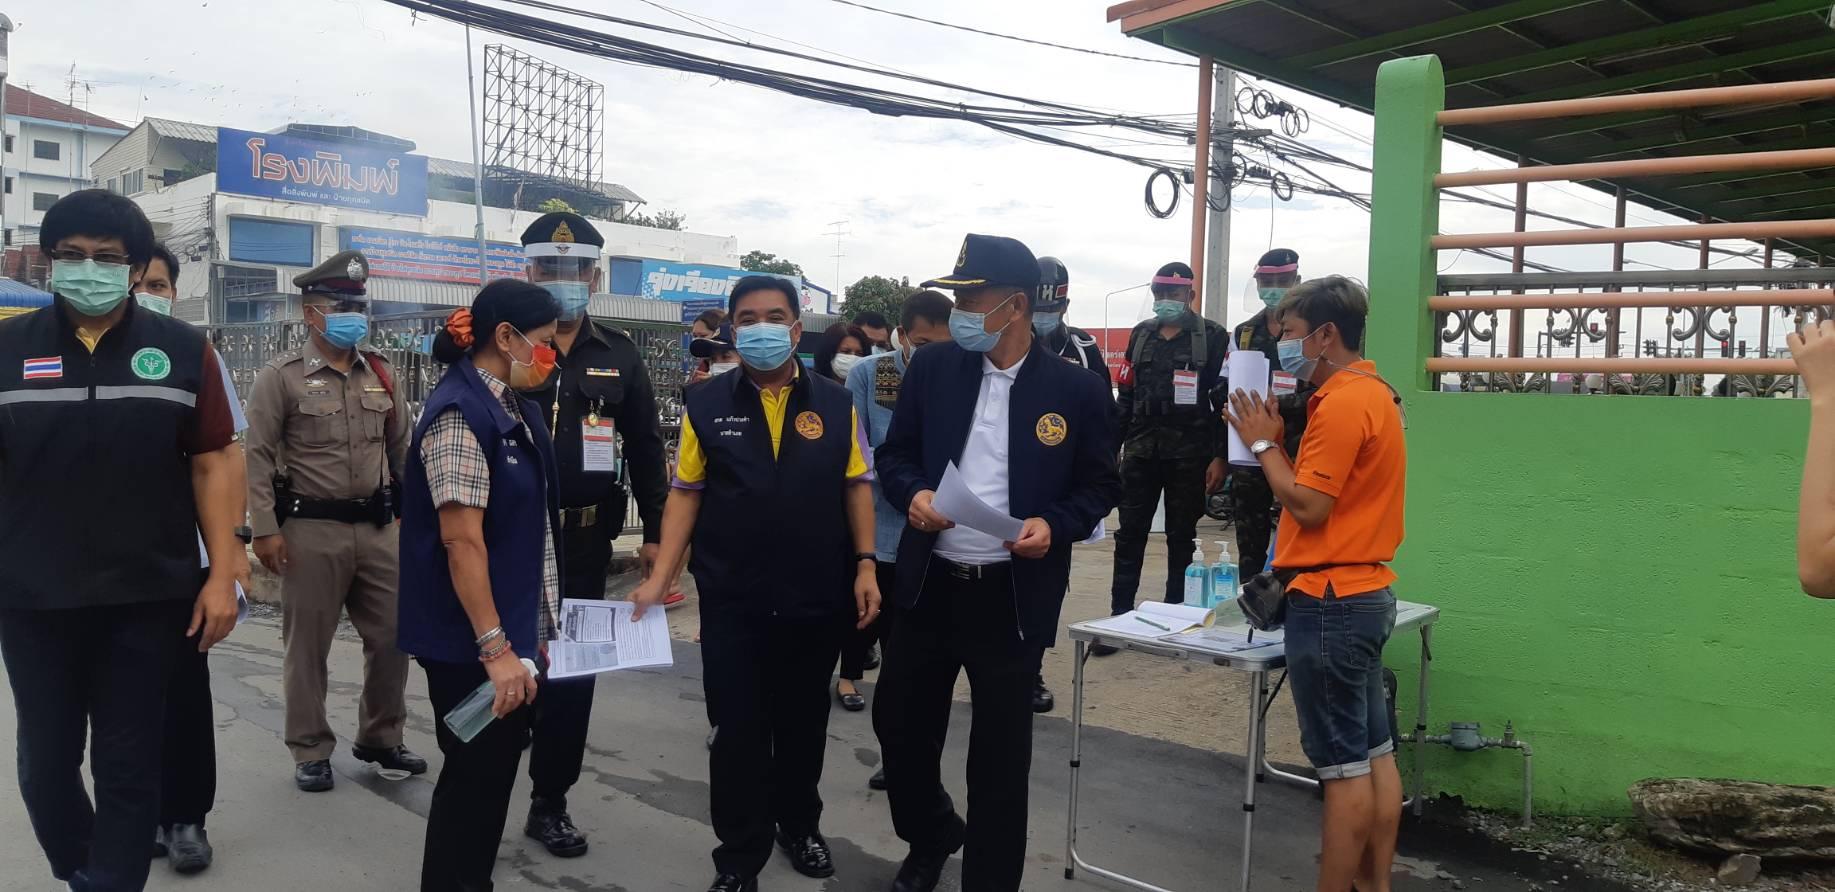 ตรวจติดตามสถานการณ์การแพร่ระบาดของโรคติดเชื้อไวรัสโคโรนา 2019 (COVID-19) และตรวจแย่งอาชีพคนไทย